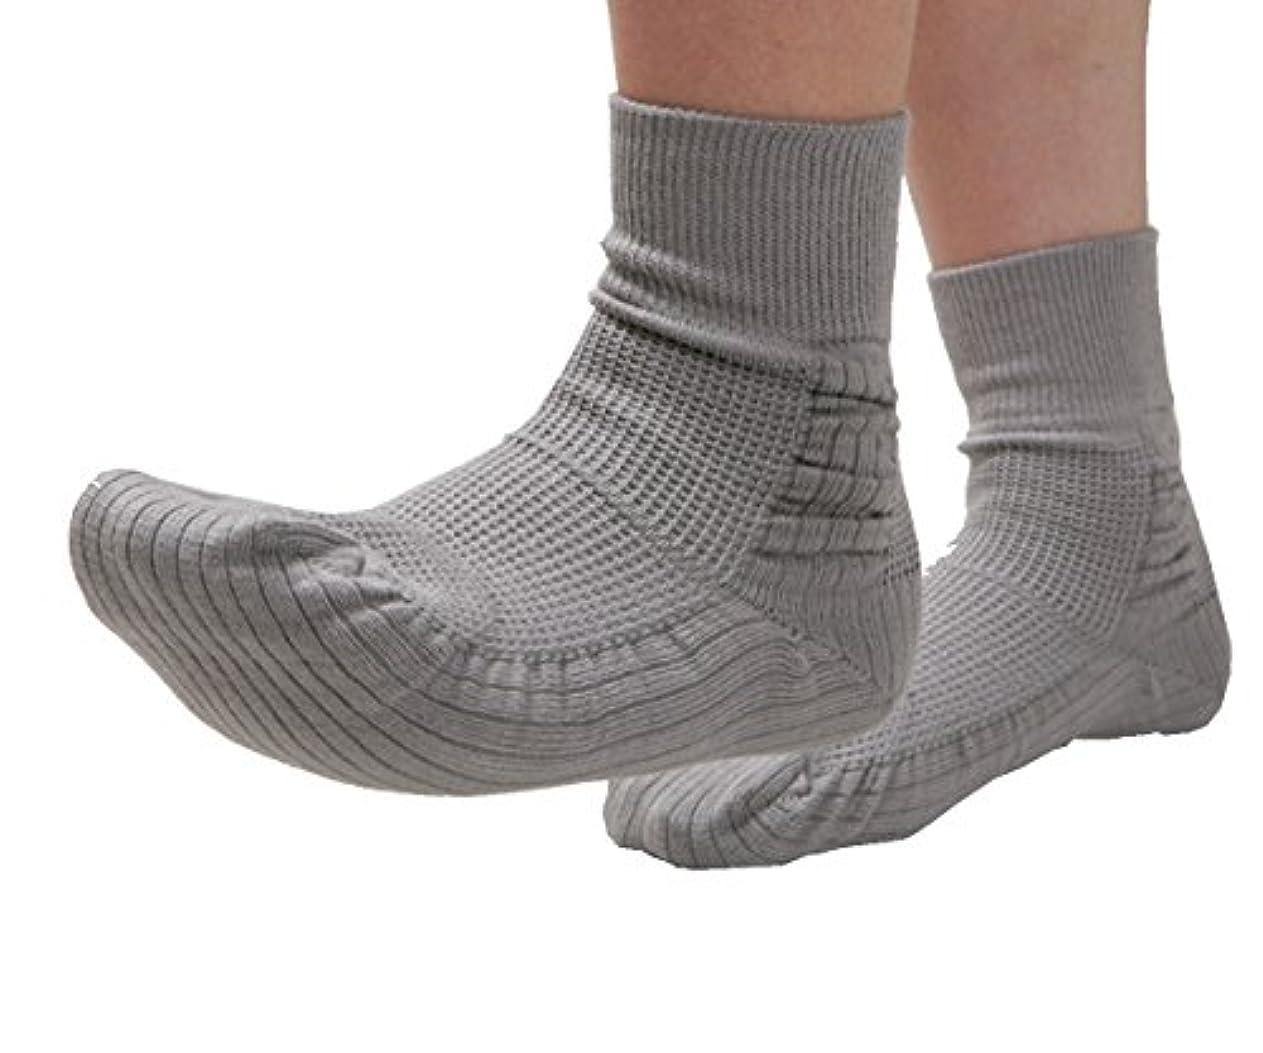 期限切れどれか覚醒転倒予防靴下(コーポレーションパールスター?広島大学開発商品)